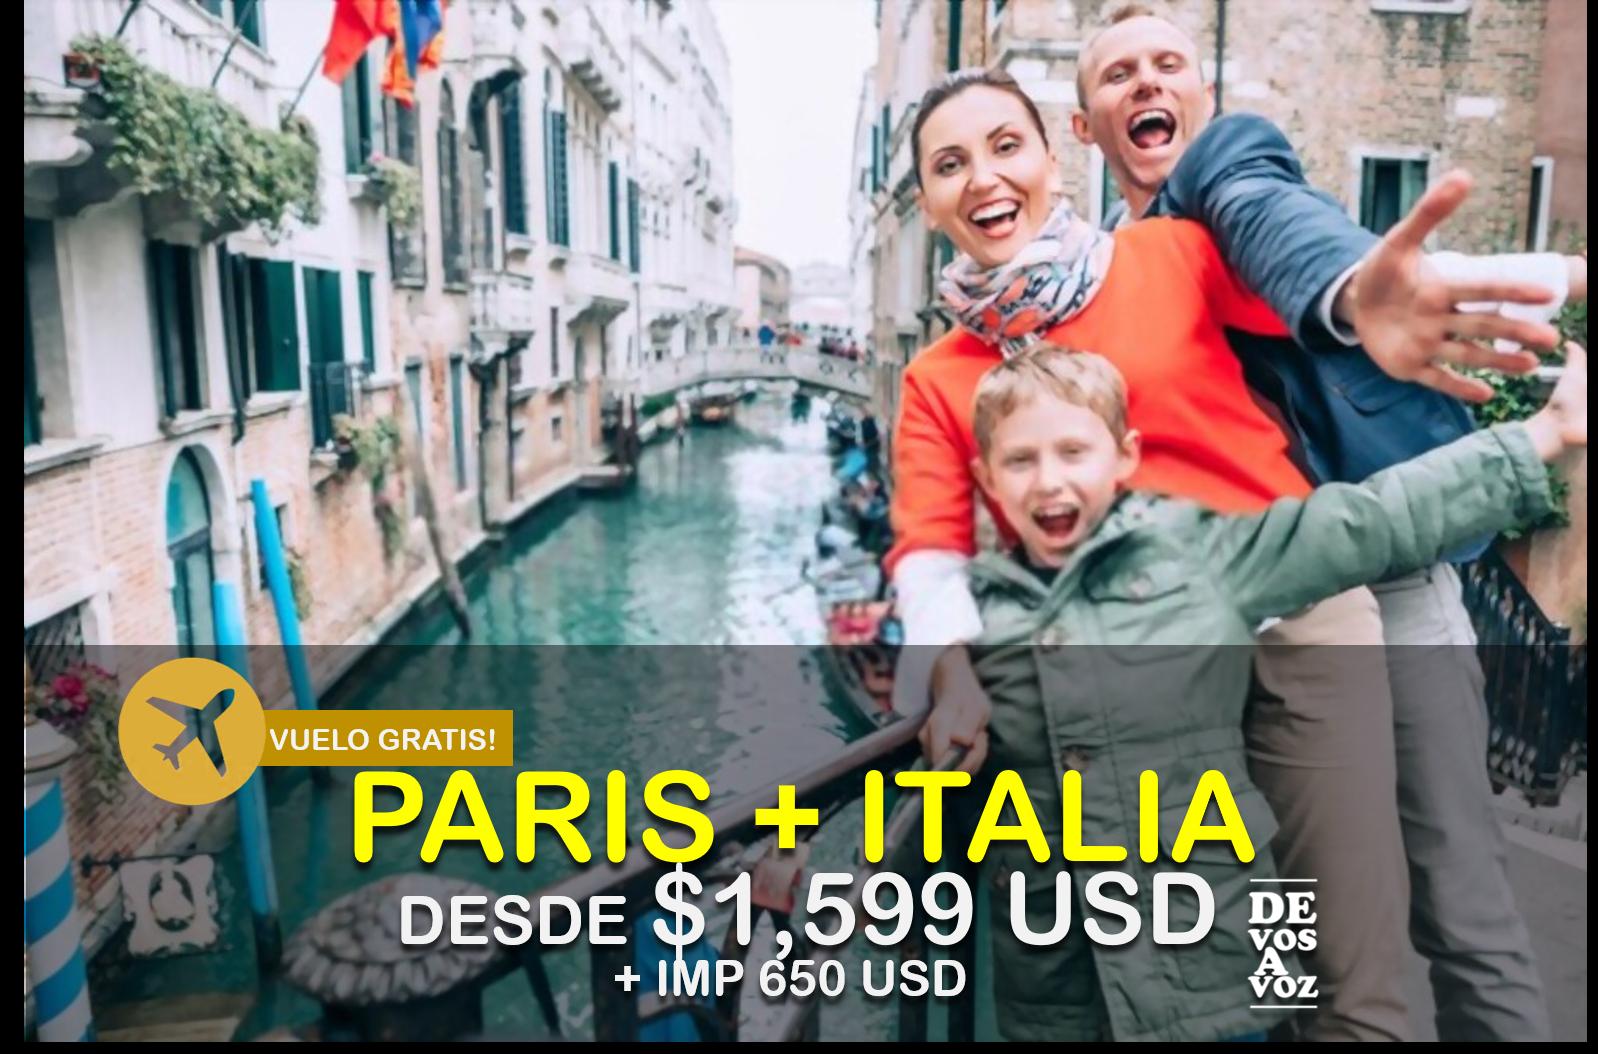 PARIS + ITALIA